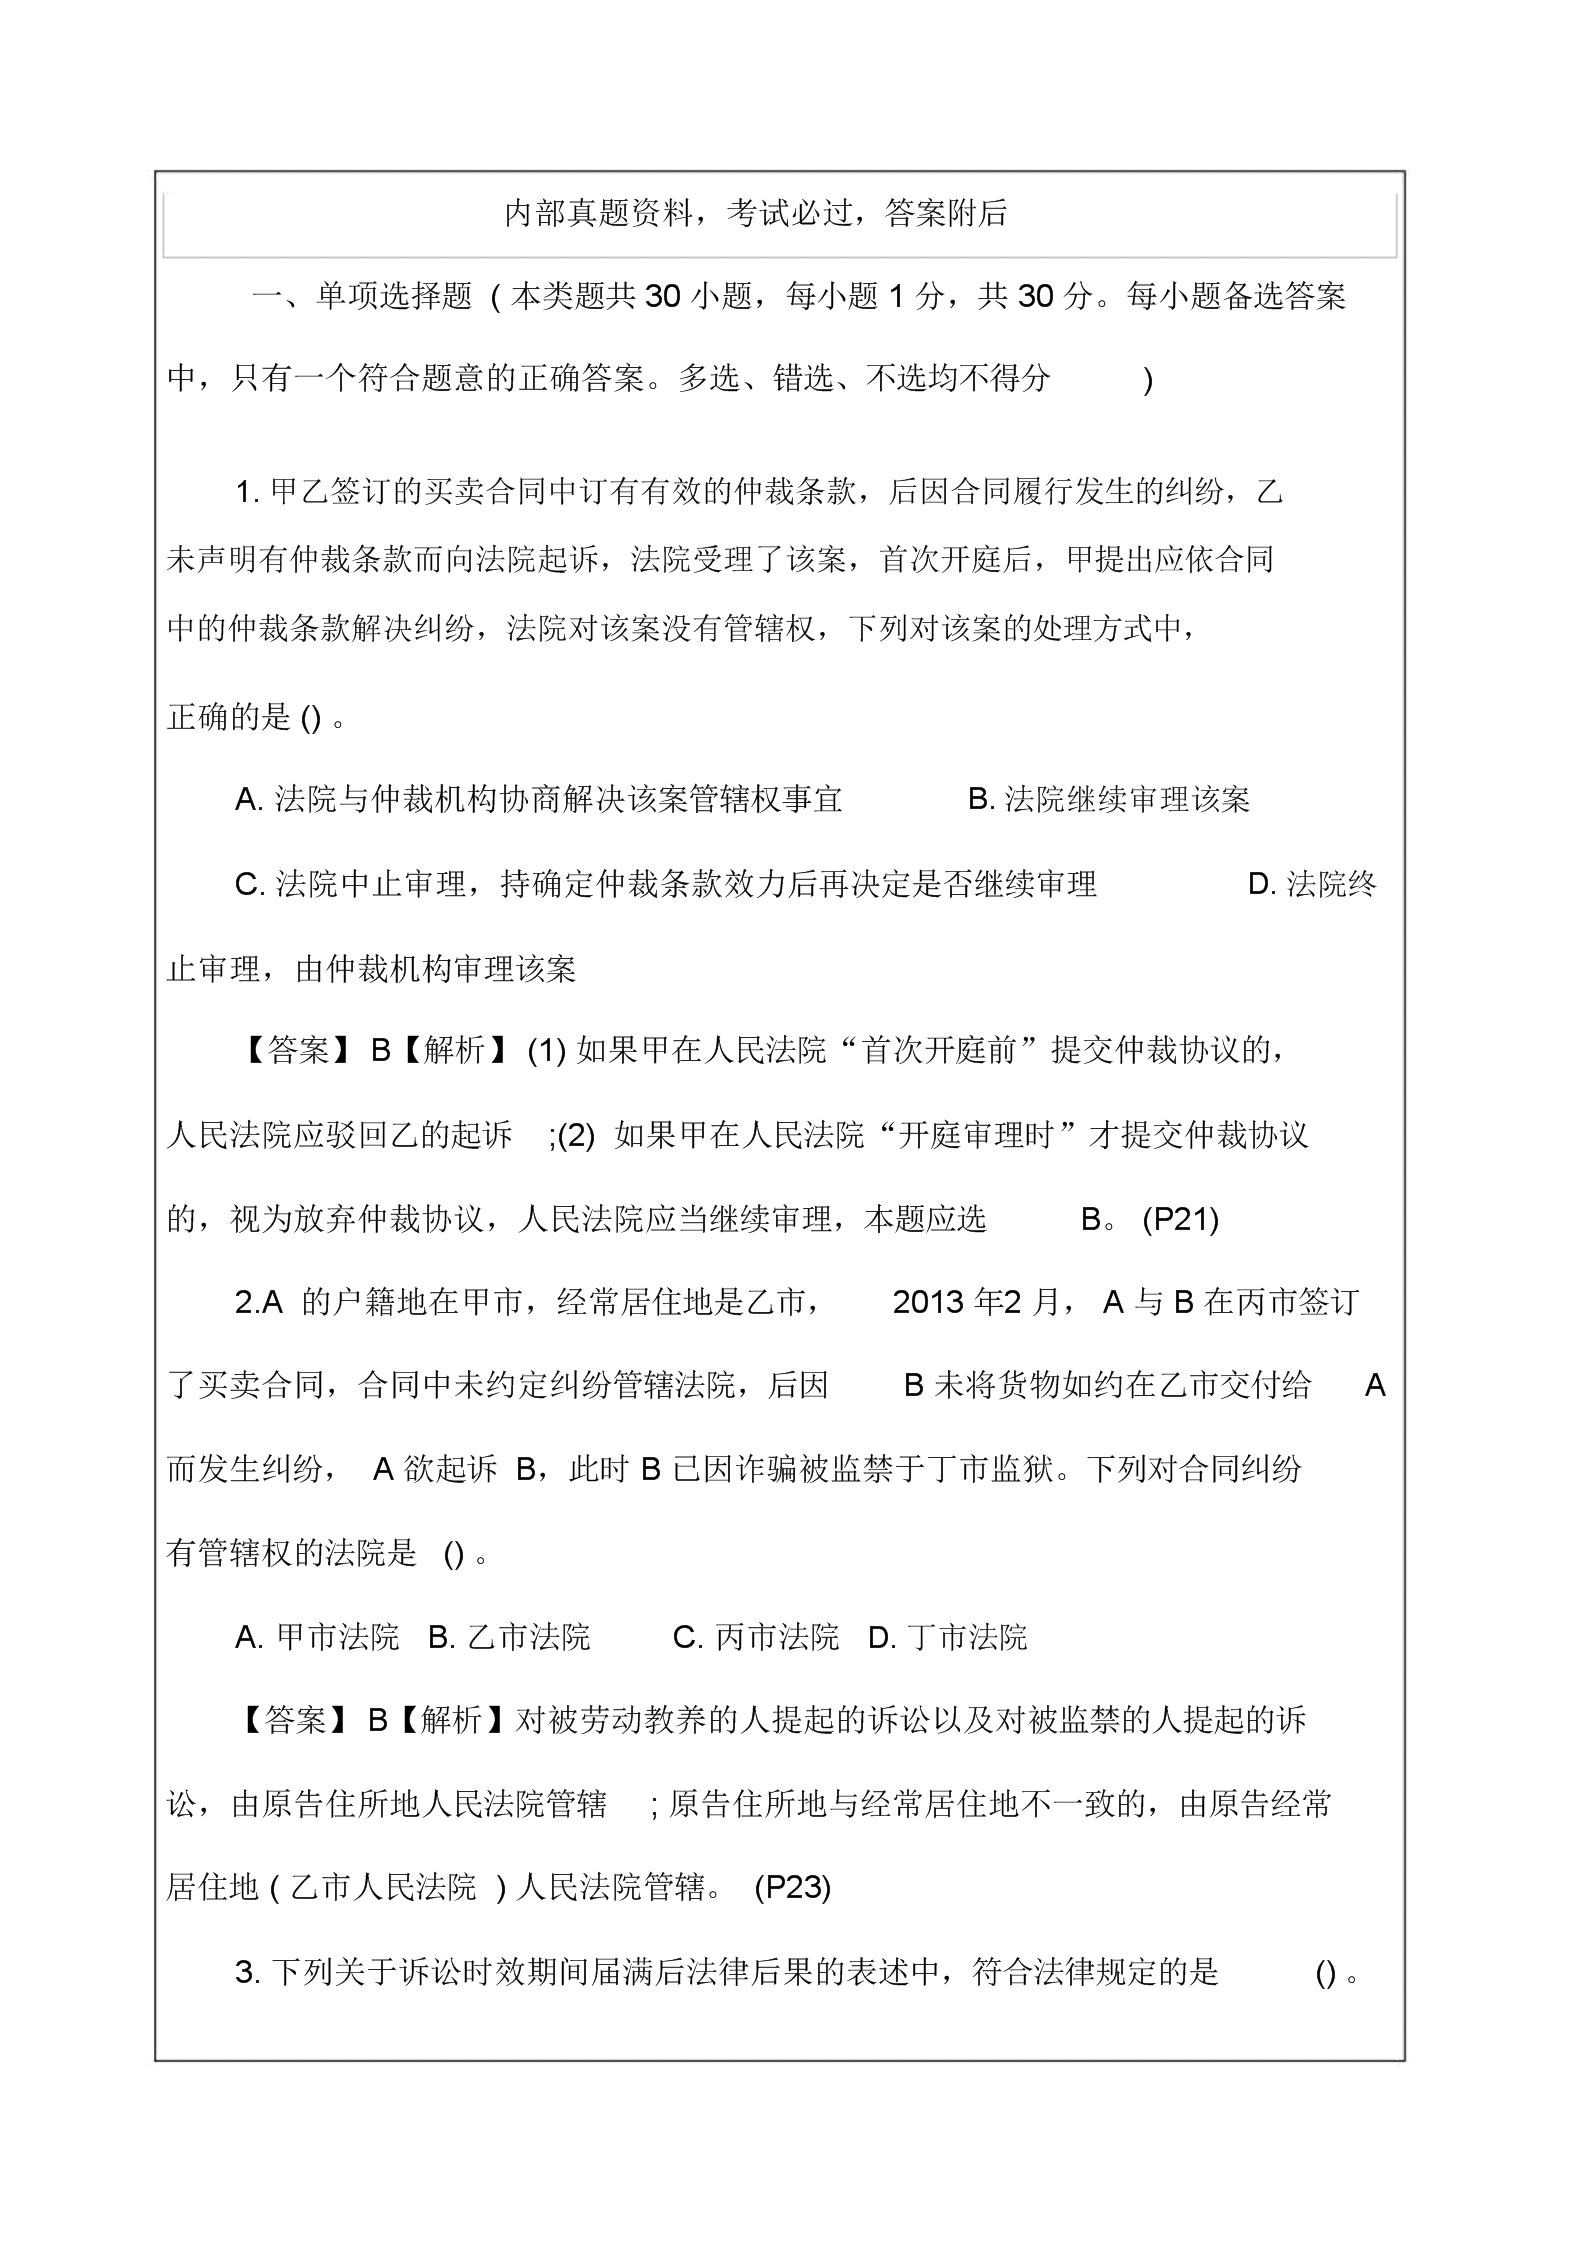 中级经济法考试试题及答案.doc